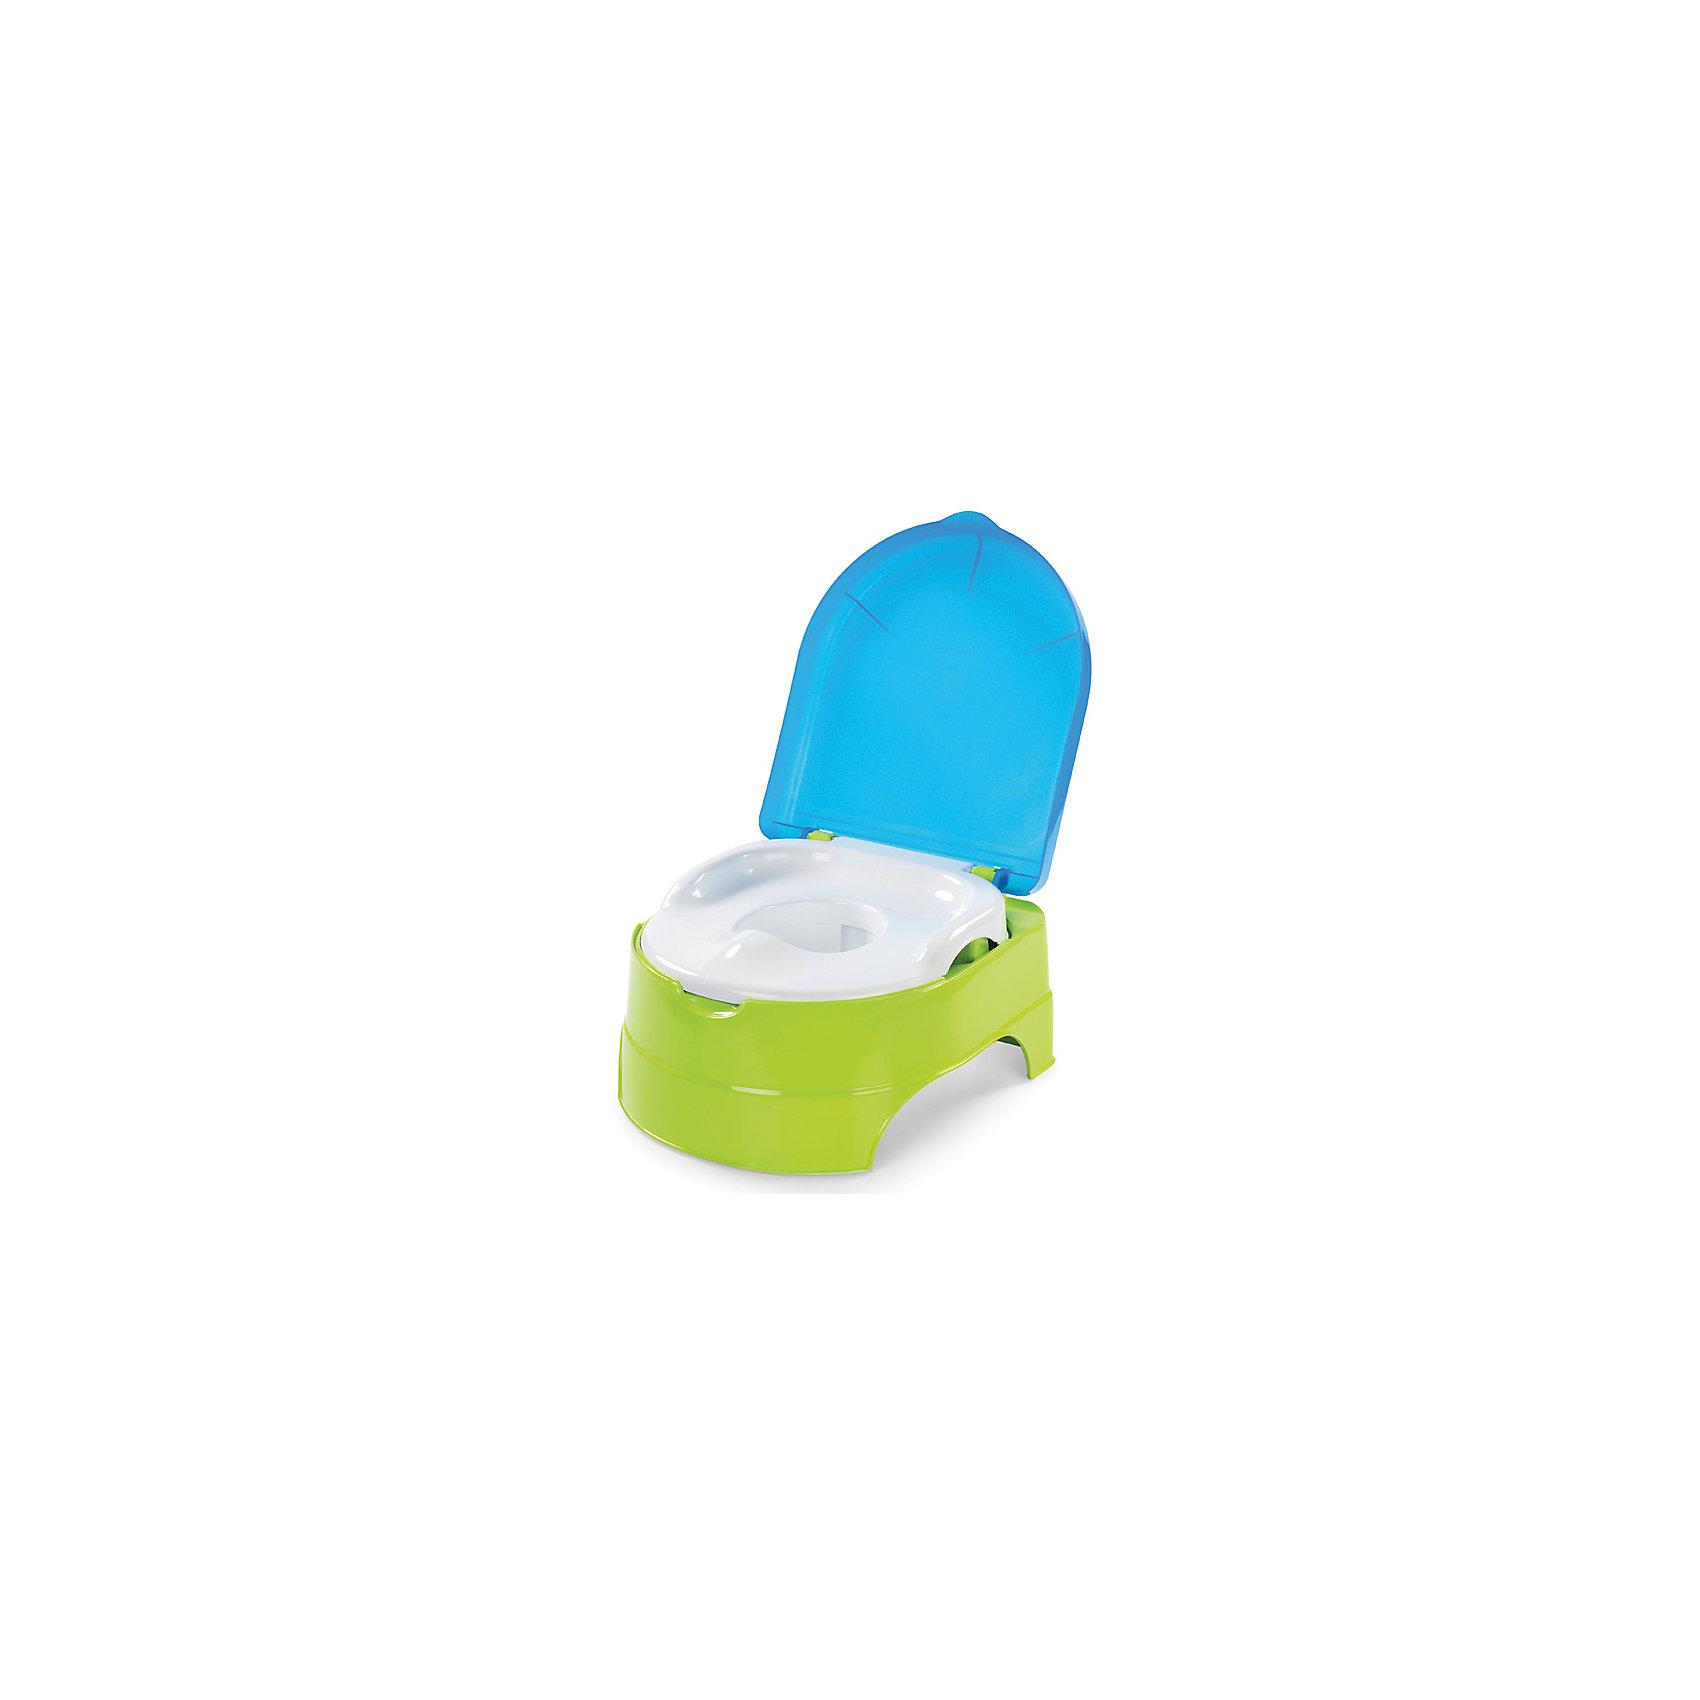 Горшок-подножка 2 в 1, Summer Infant, салатовый/голубой